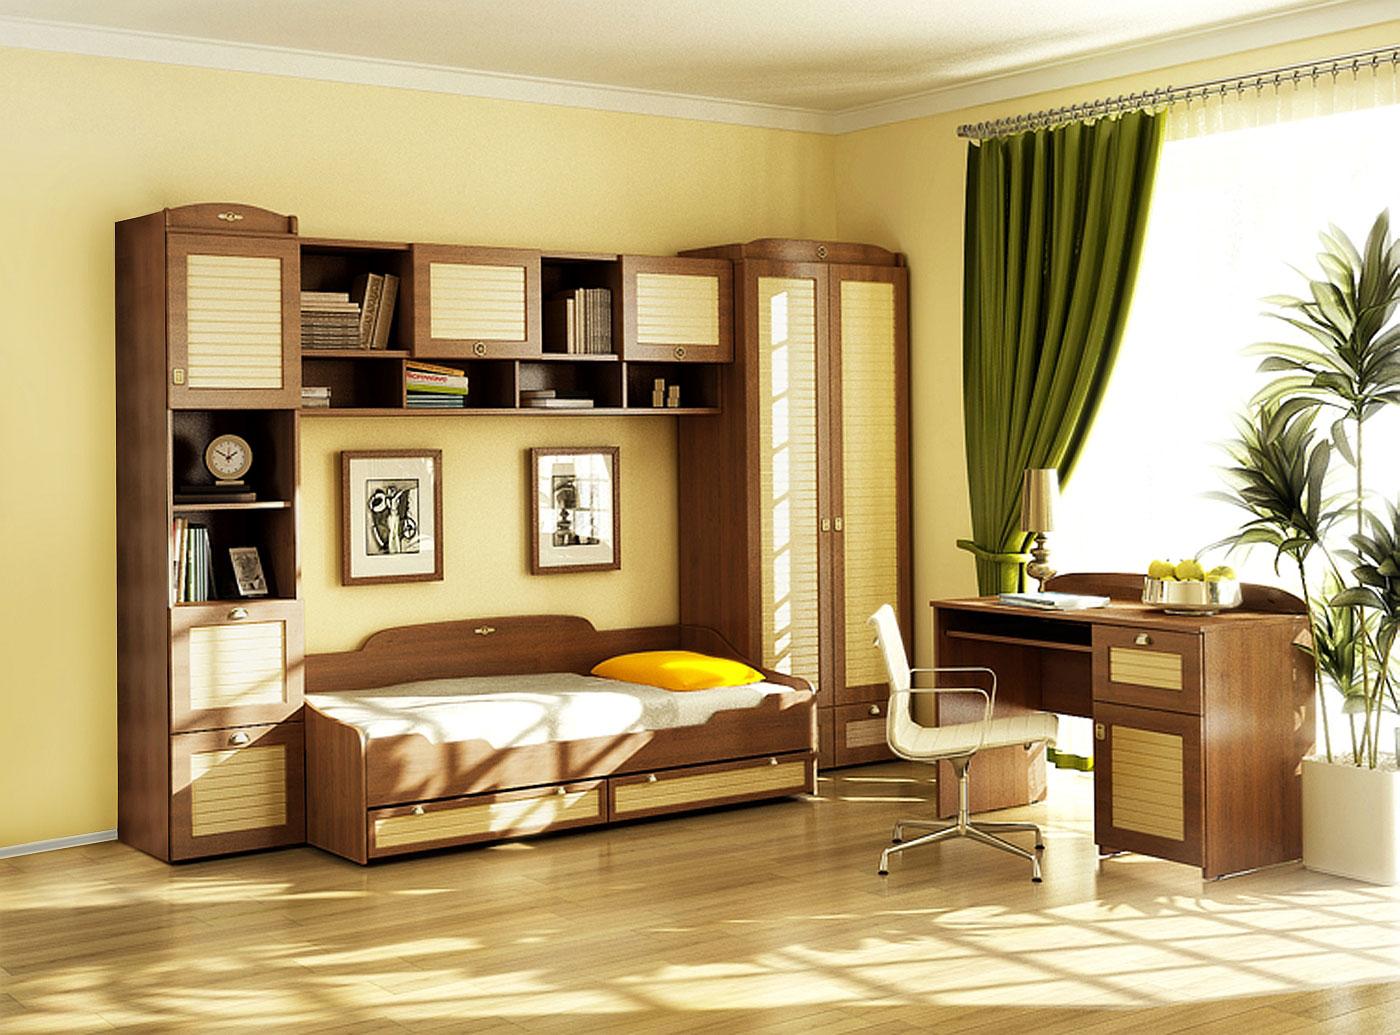 Спальный детский набор мебели